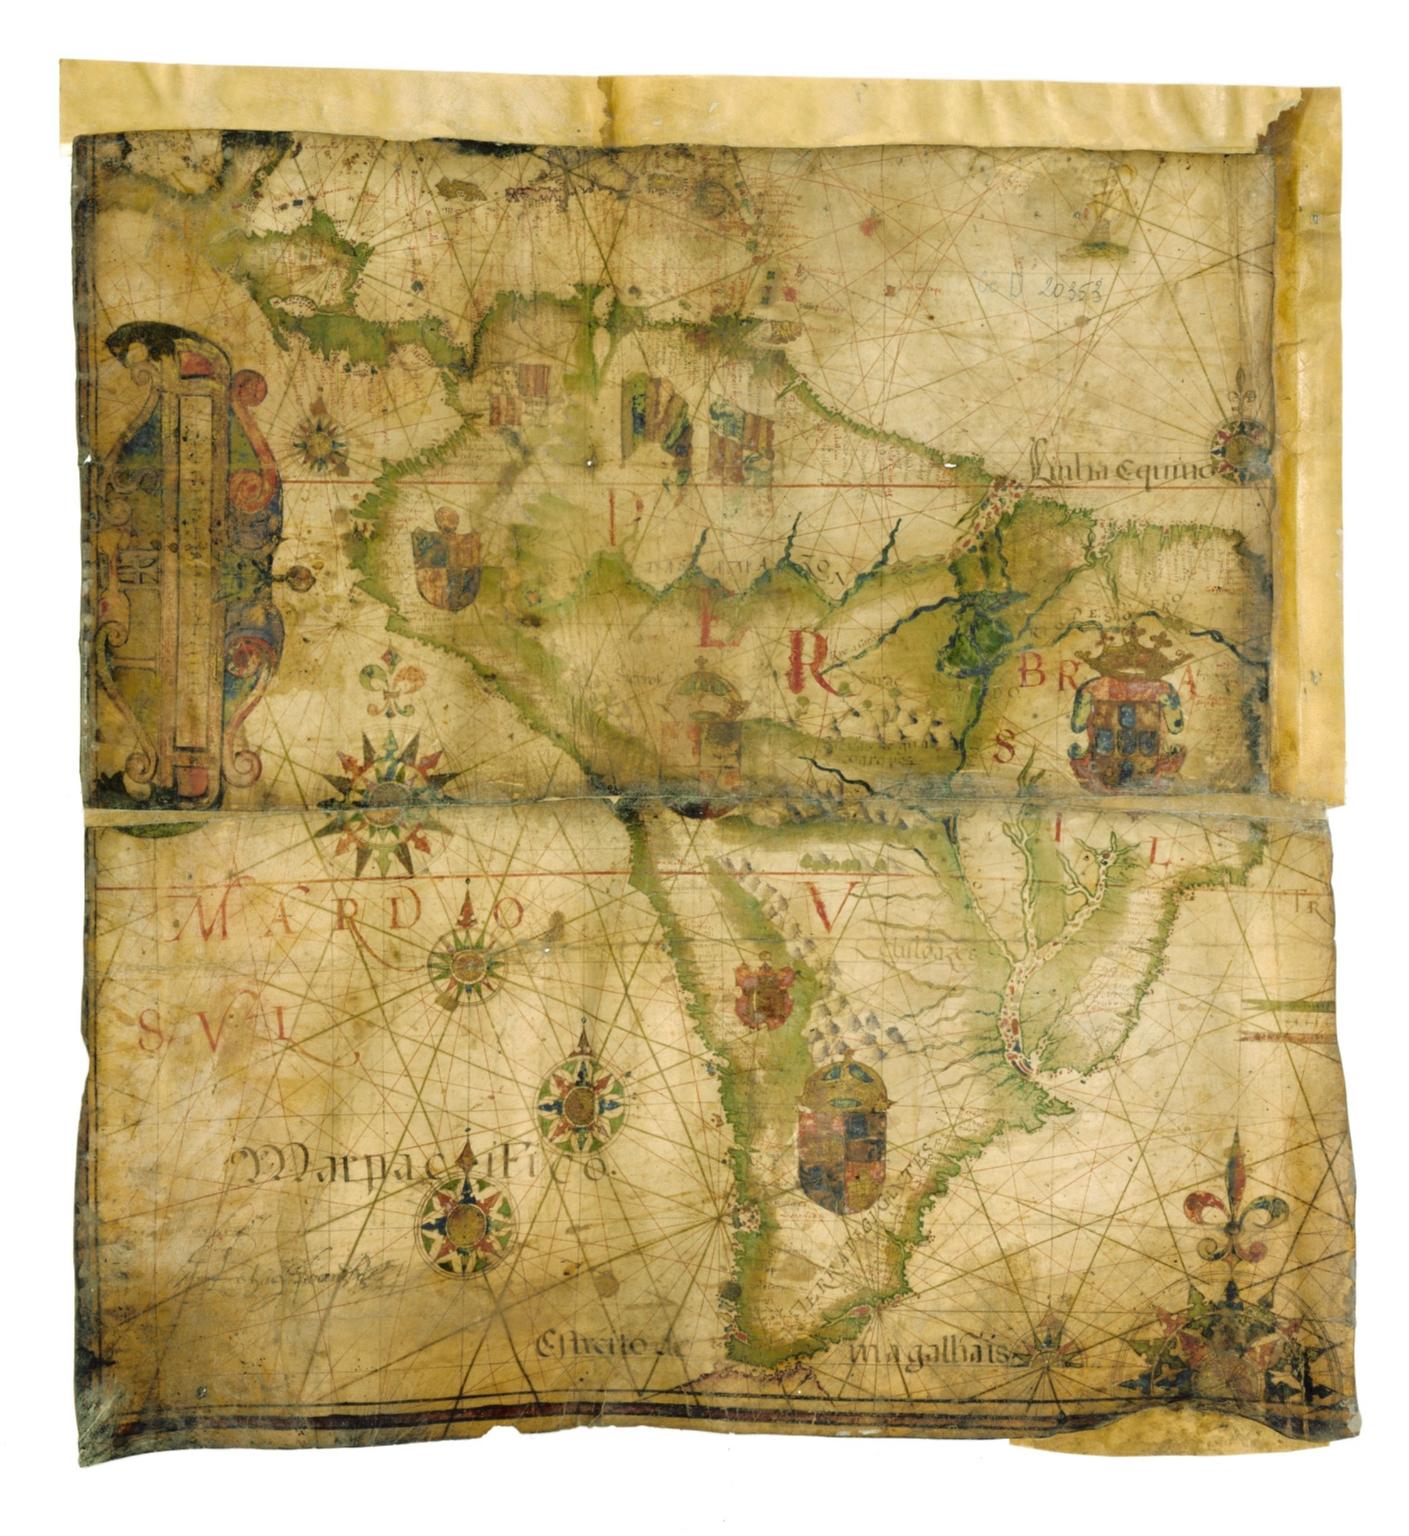 Fragment d'une carte nautique représentant les côtes de l'Amérique centrale et de l'Amérique du sud sur l'Océan Atlantique et sur l'Océan Pacifique